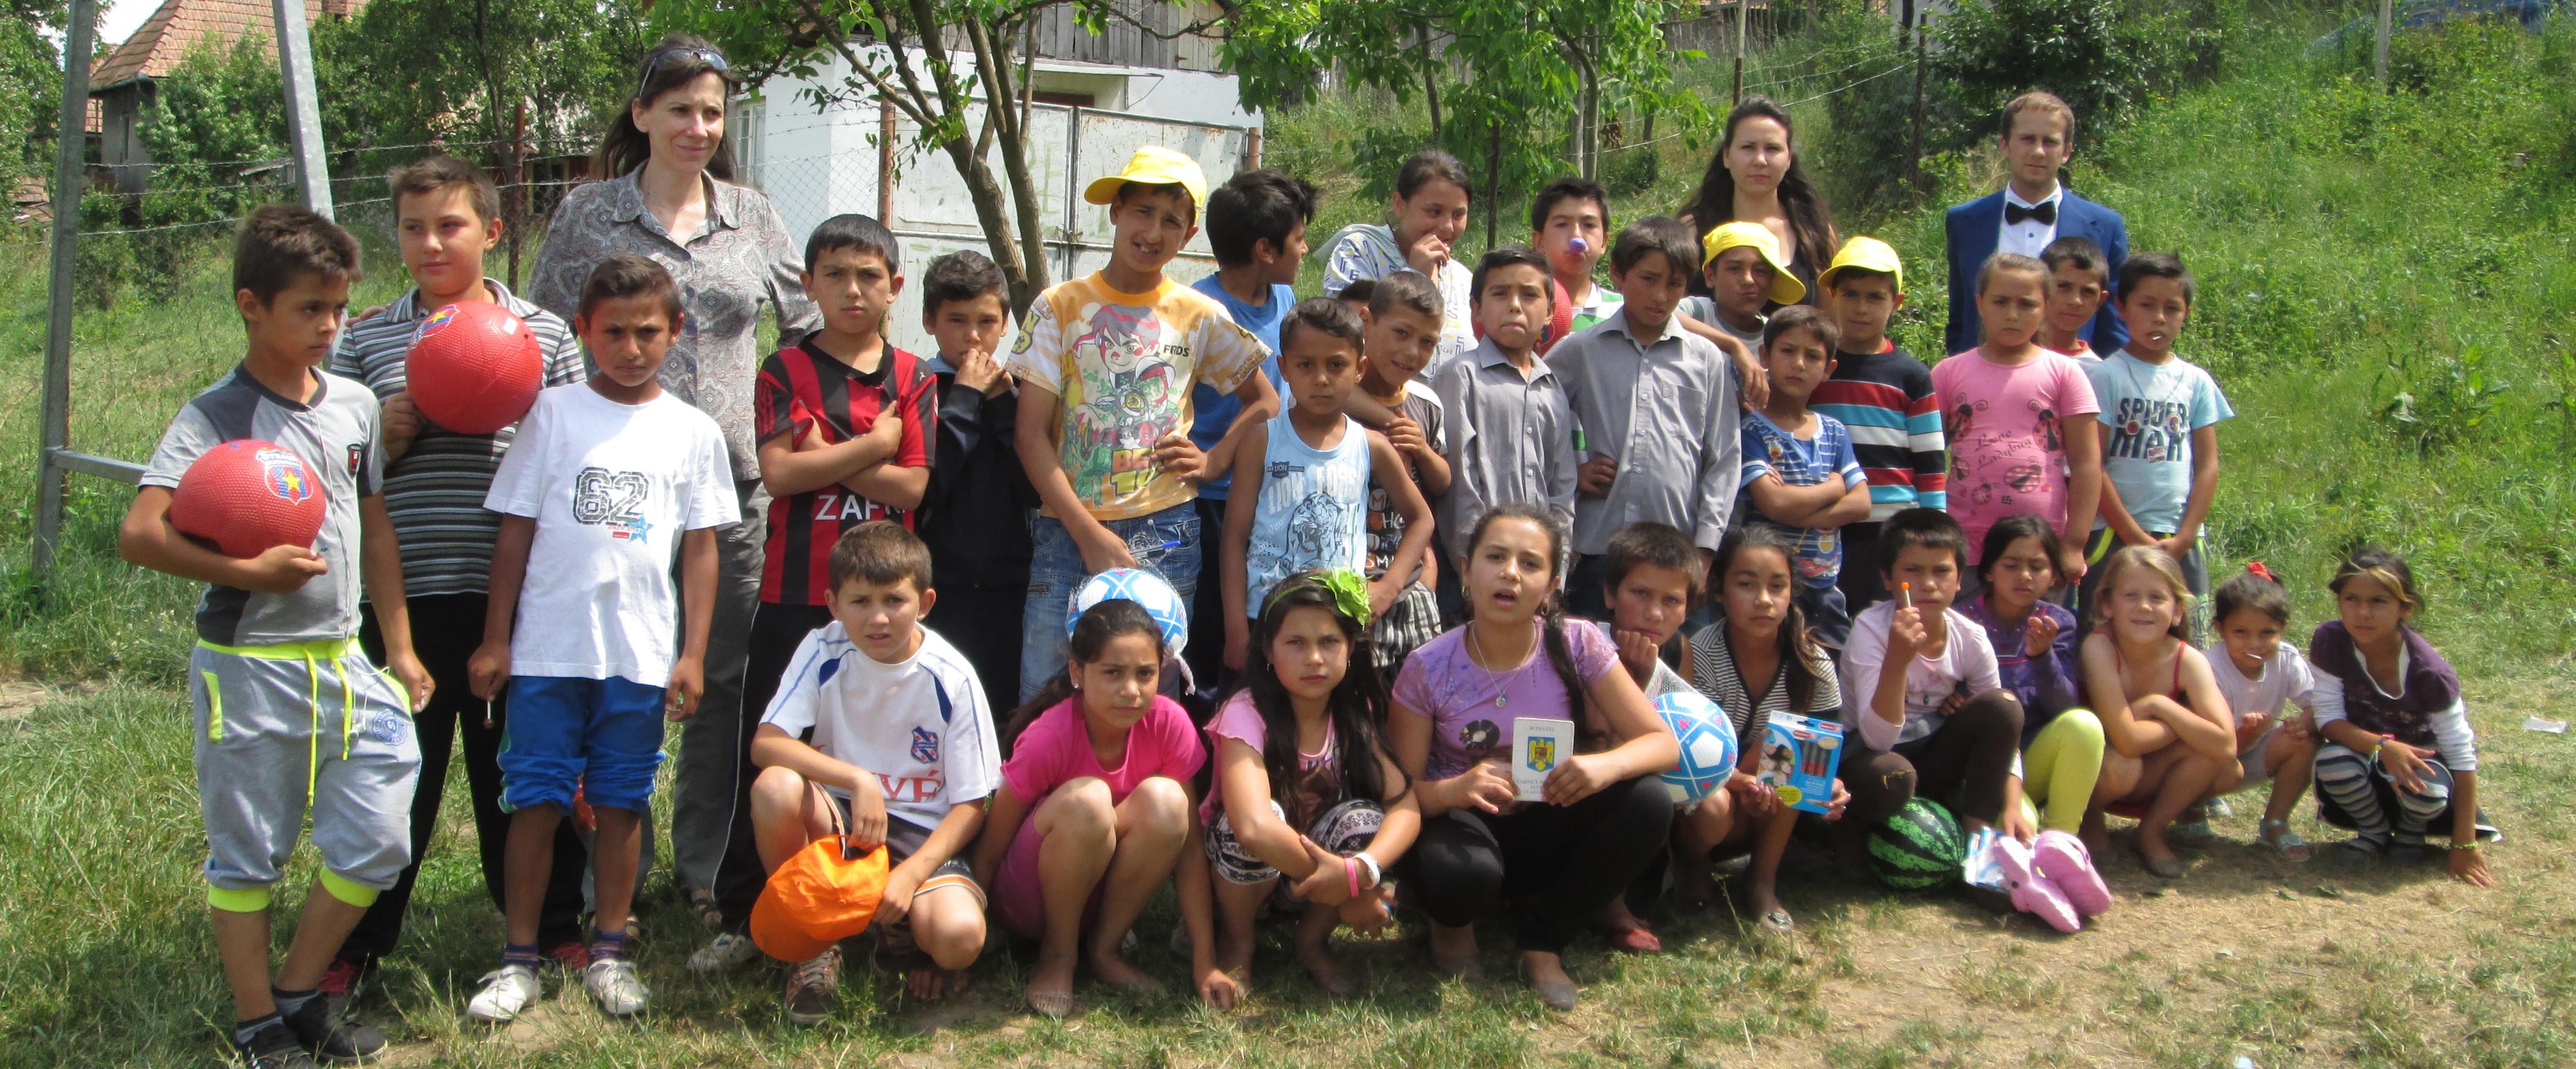 Laatste schooldag (20 juni 2014)